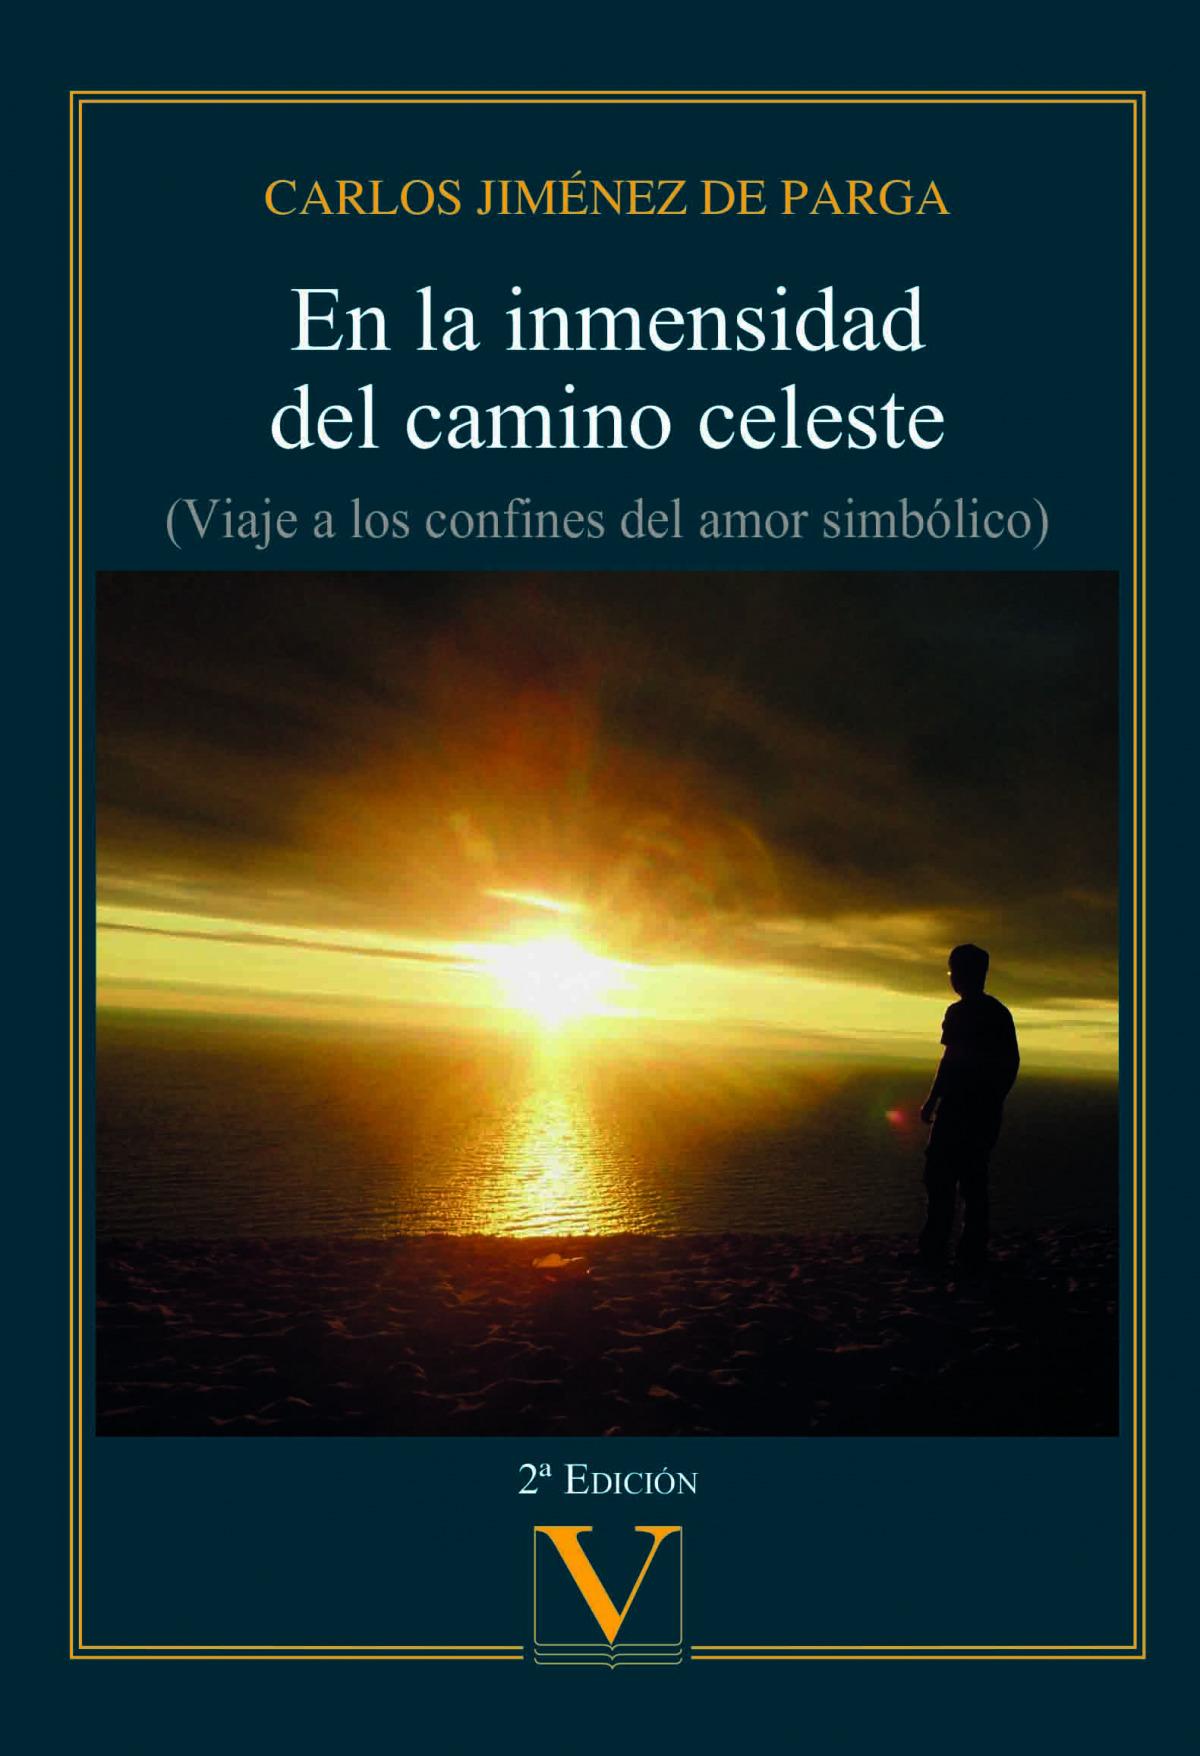 En la inmensidad del camino celeste